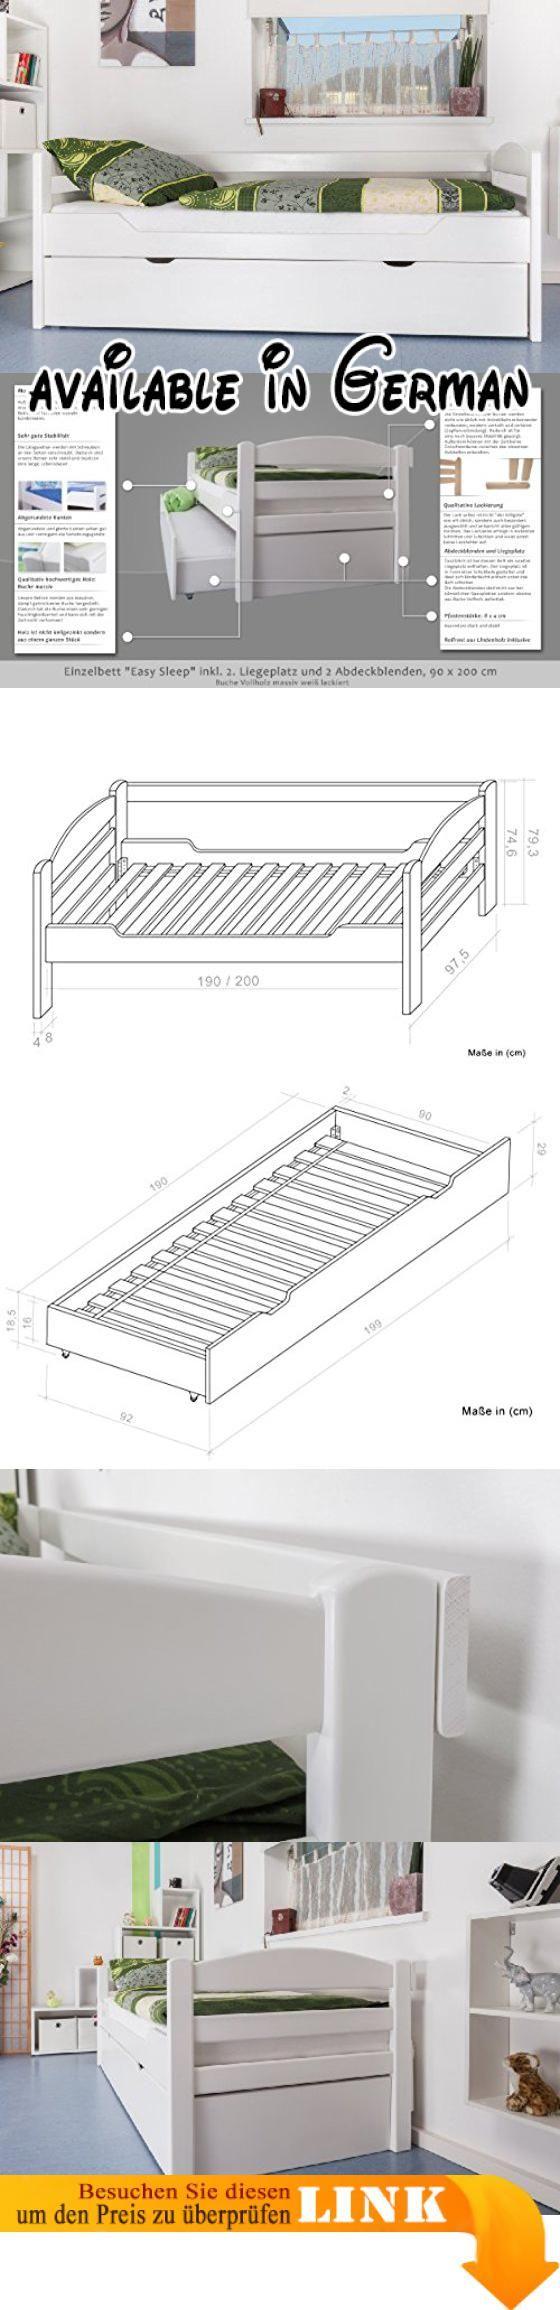 Wohndesign für 3 schlafzimmer bmdn  stauraumbett  einzelbett easy möbel khs